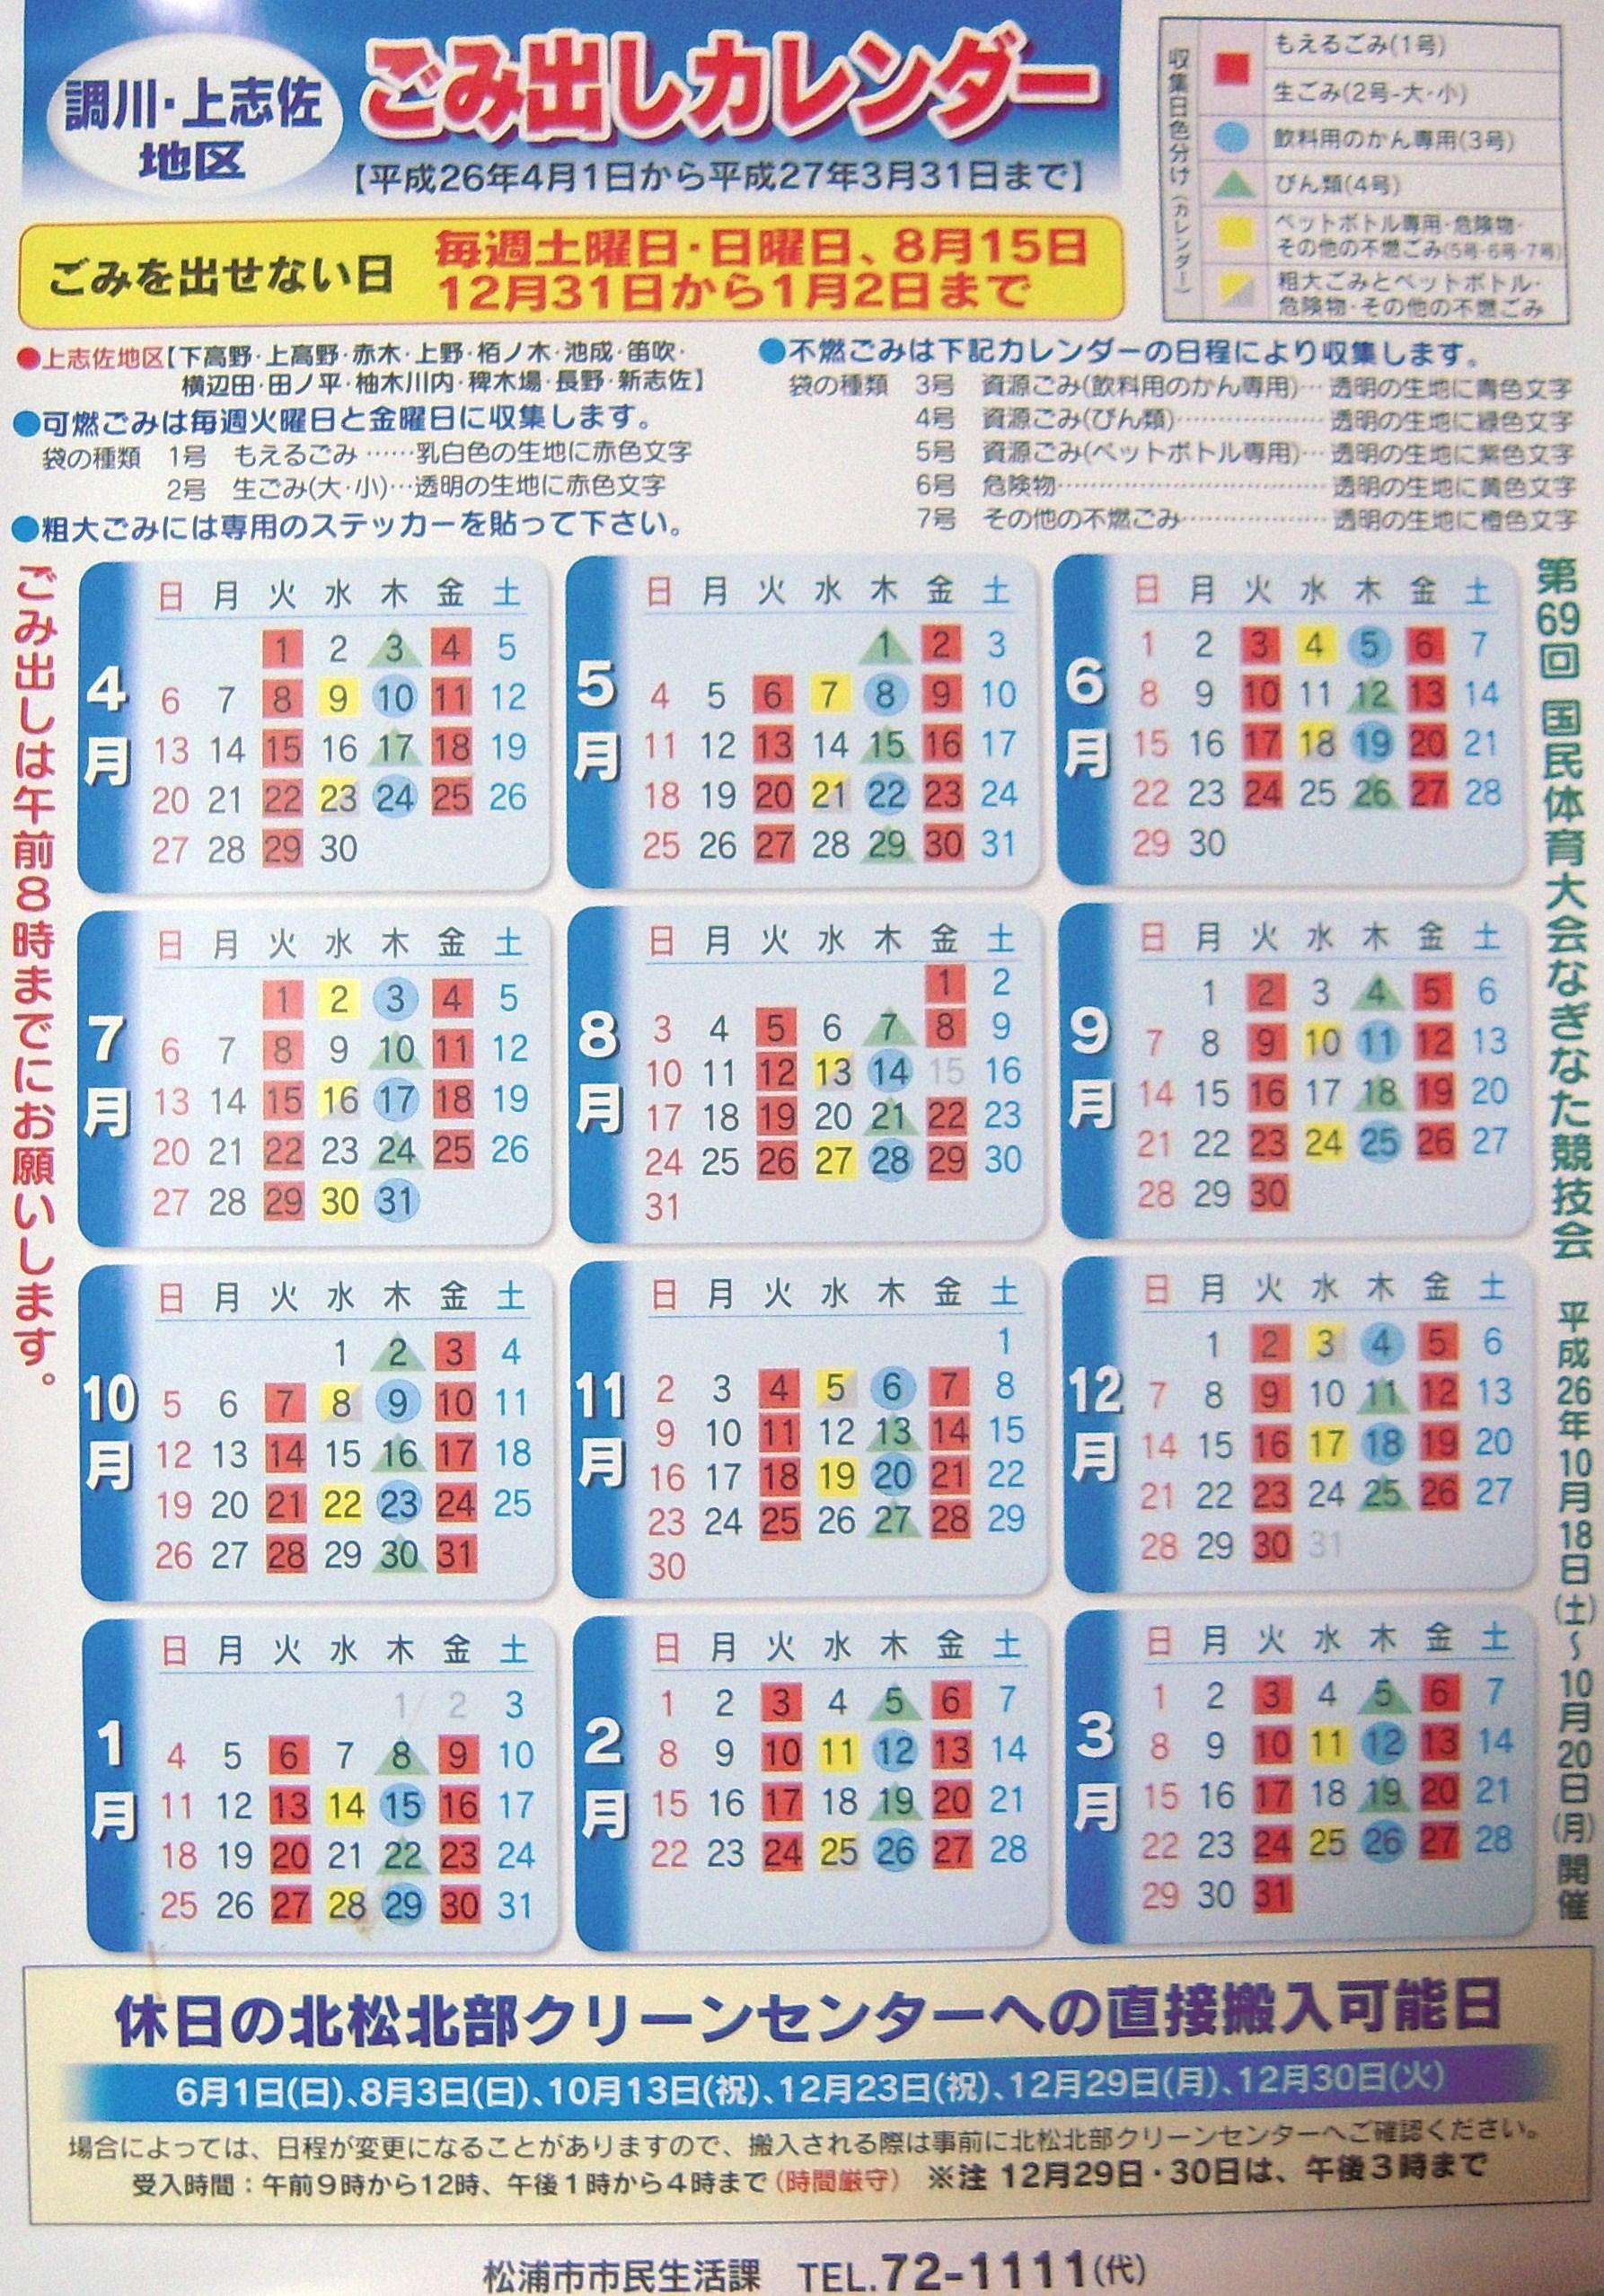 松浦市ゴミ回収カレンダー2014年度_調川・上志佐